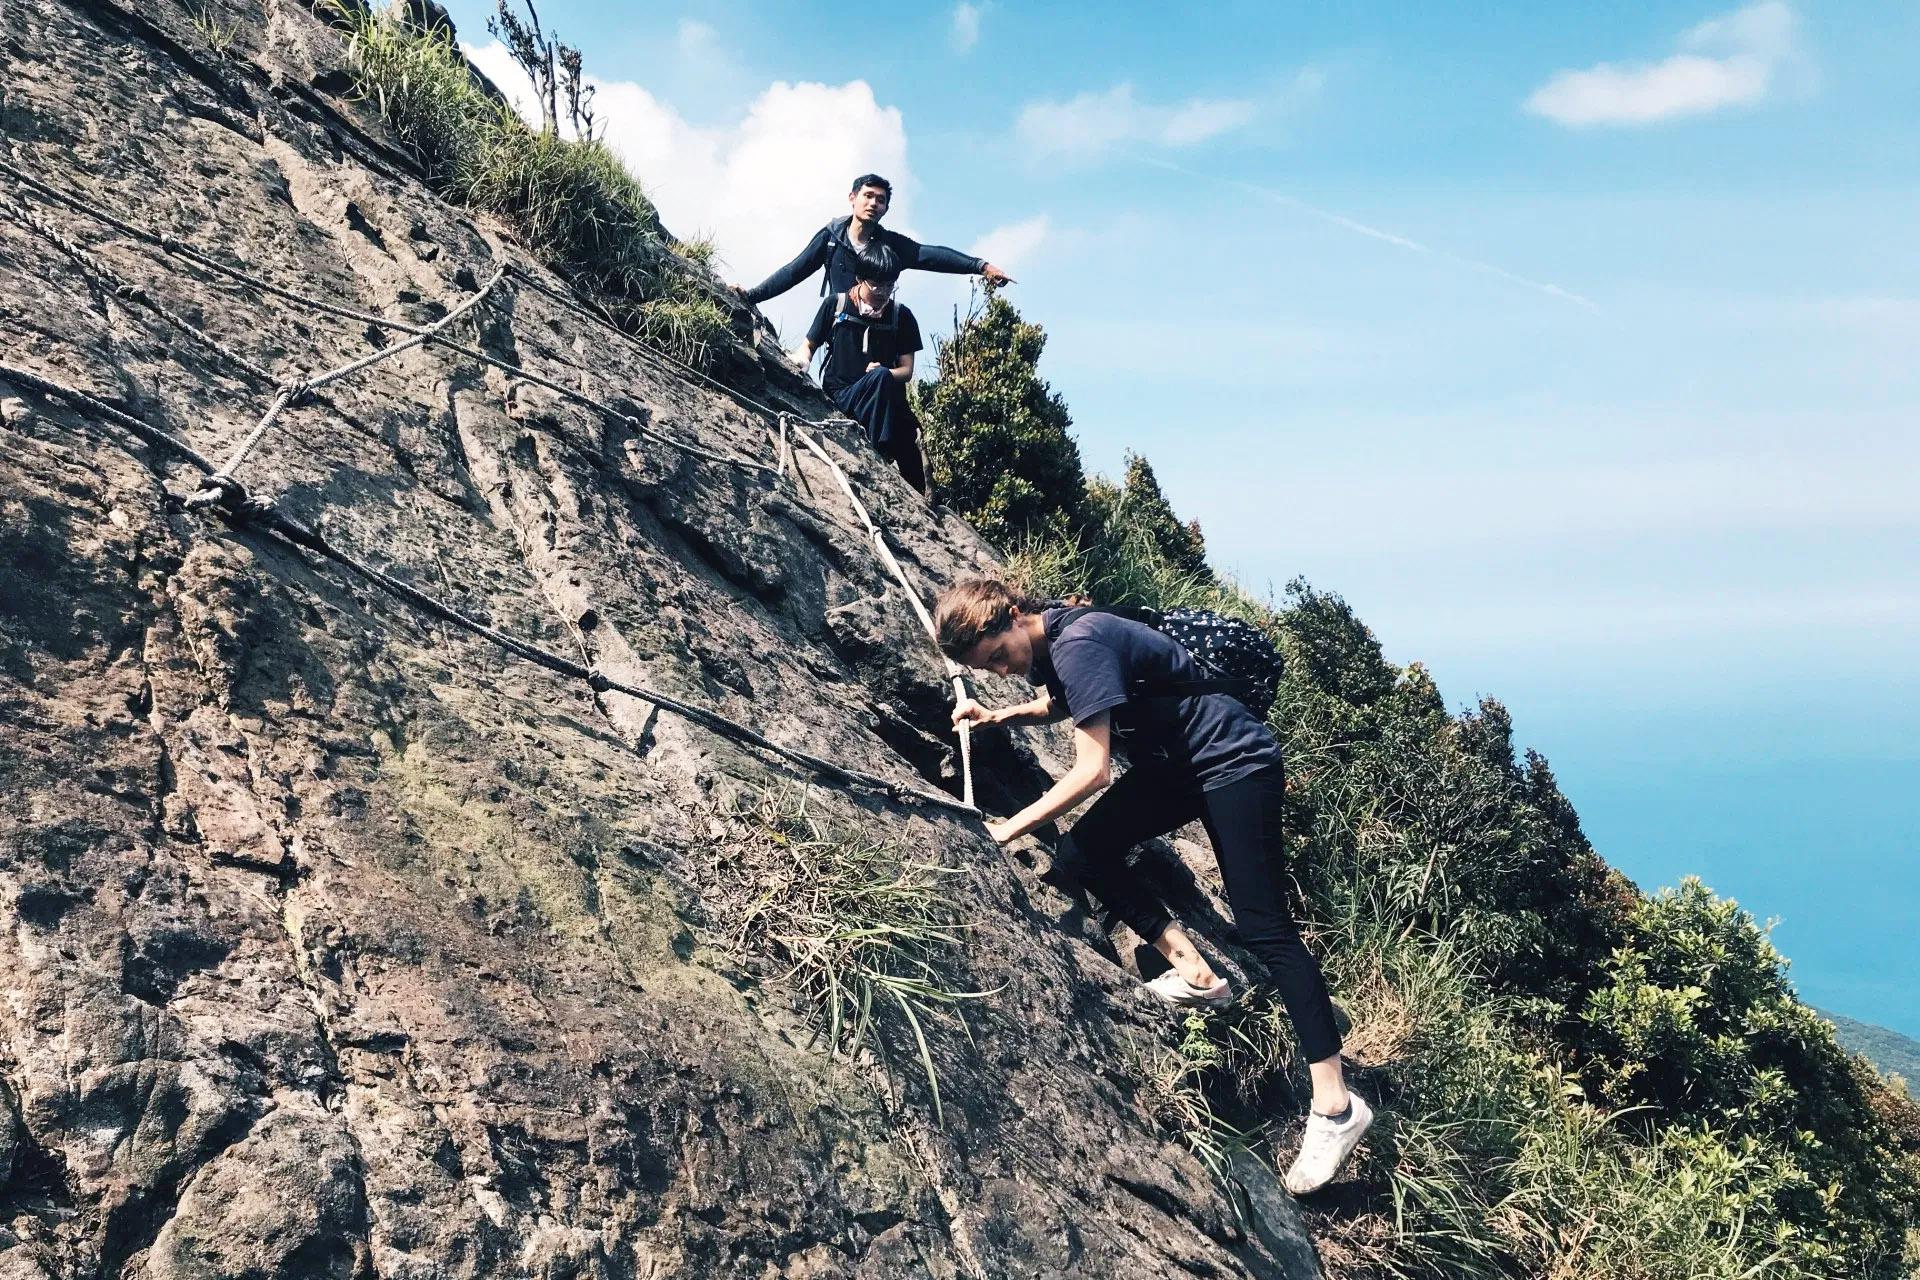 艷陽下搖動的龍脊「劍龍稜—鋸齒稜—555峰—無耳茶壺山」